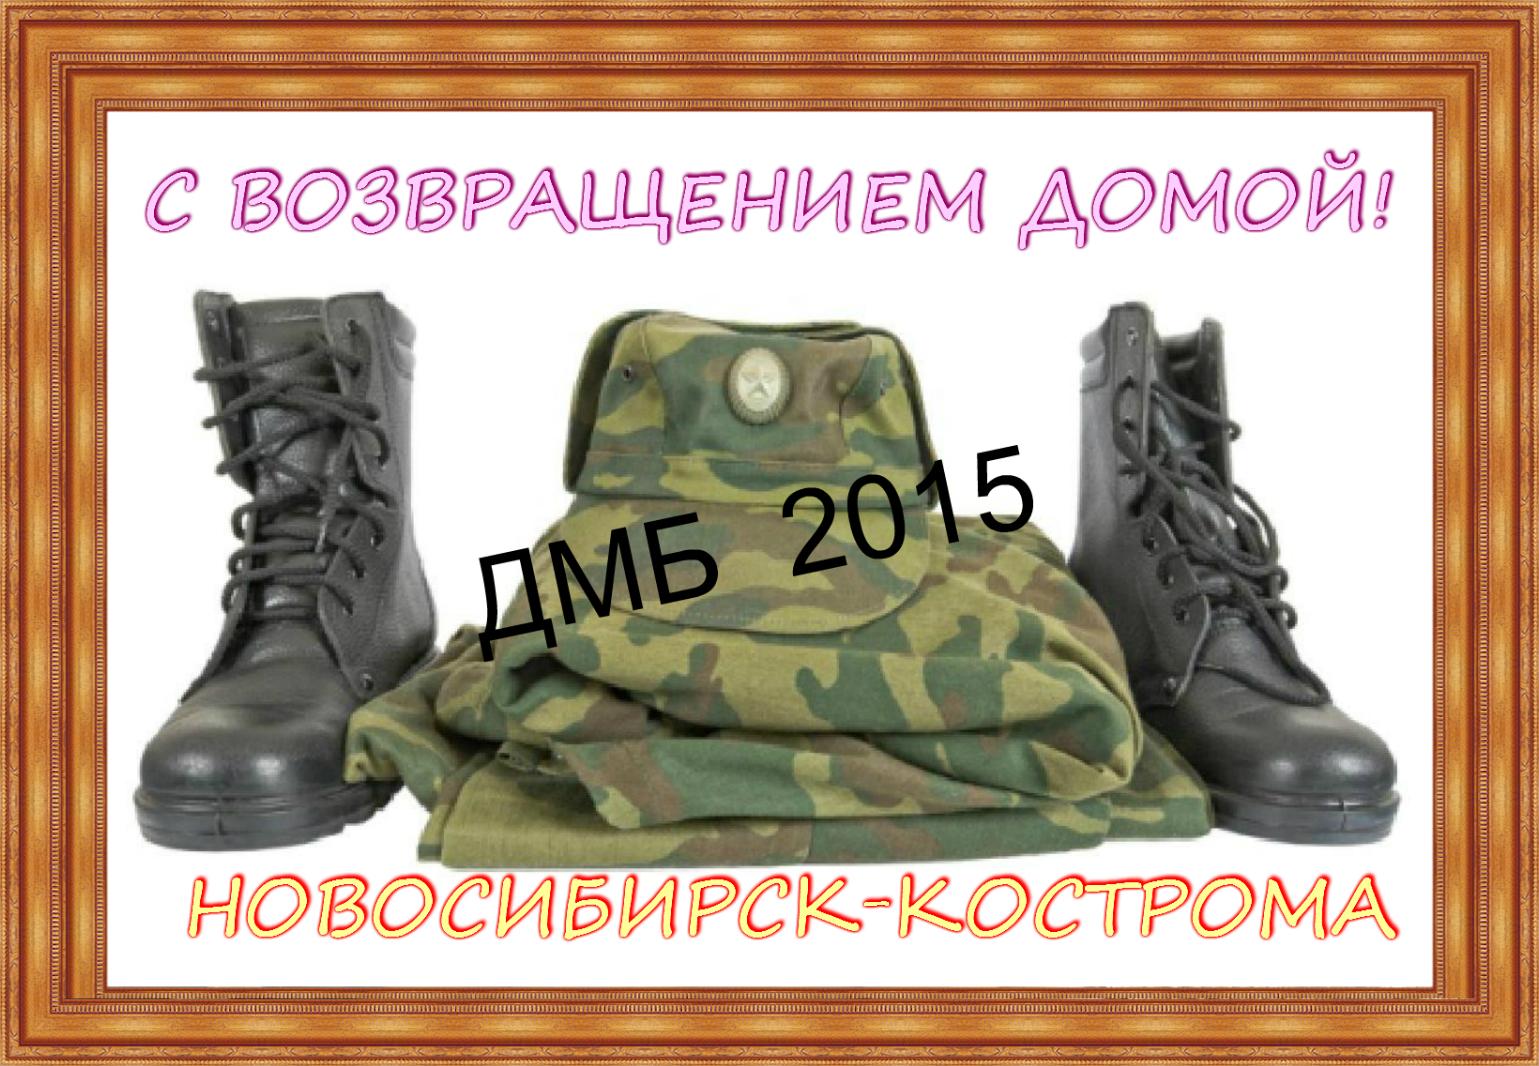 http://s6.uploads.ru/UyShx.jpg